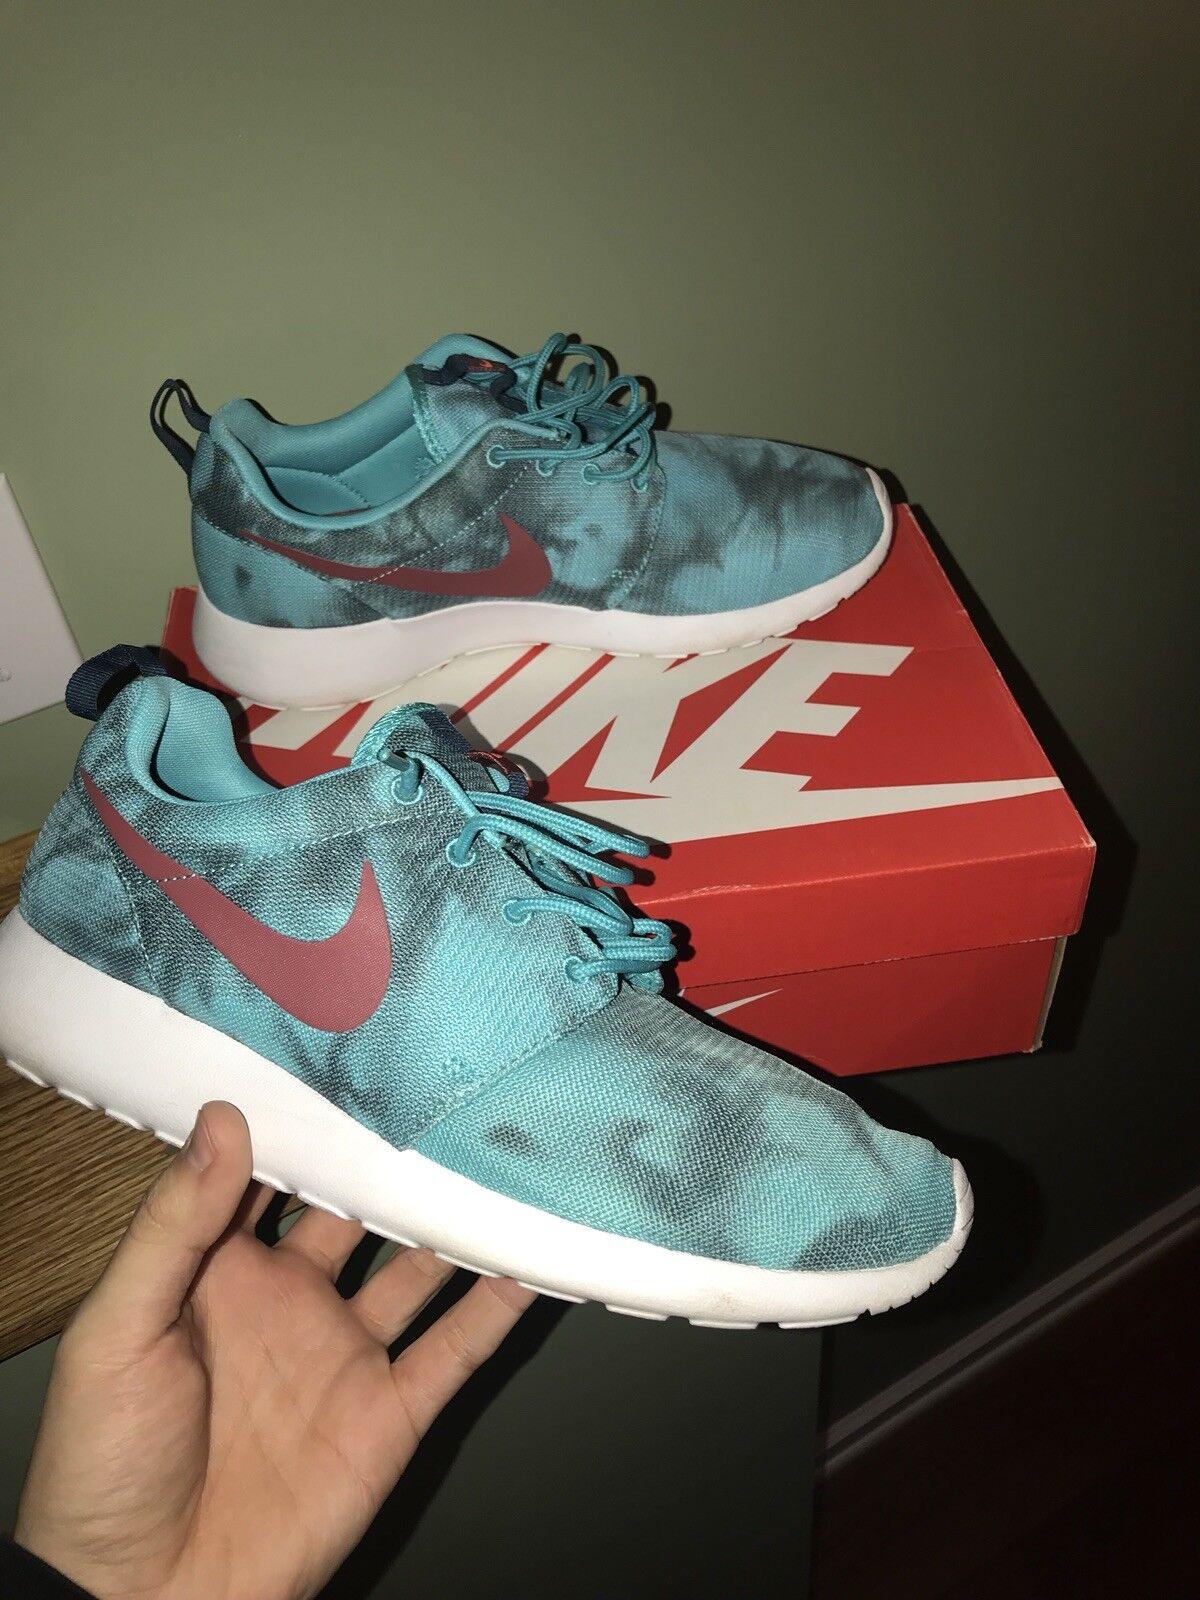 Nike Roshe Hyperjade Size 9.5